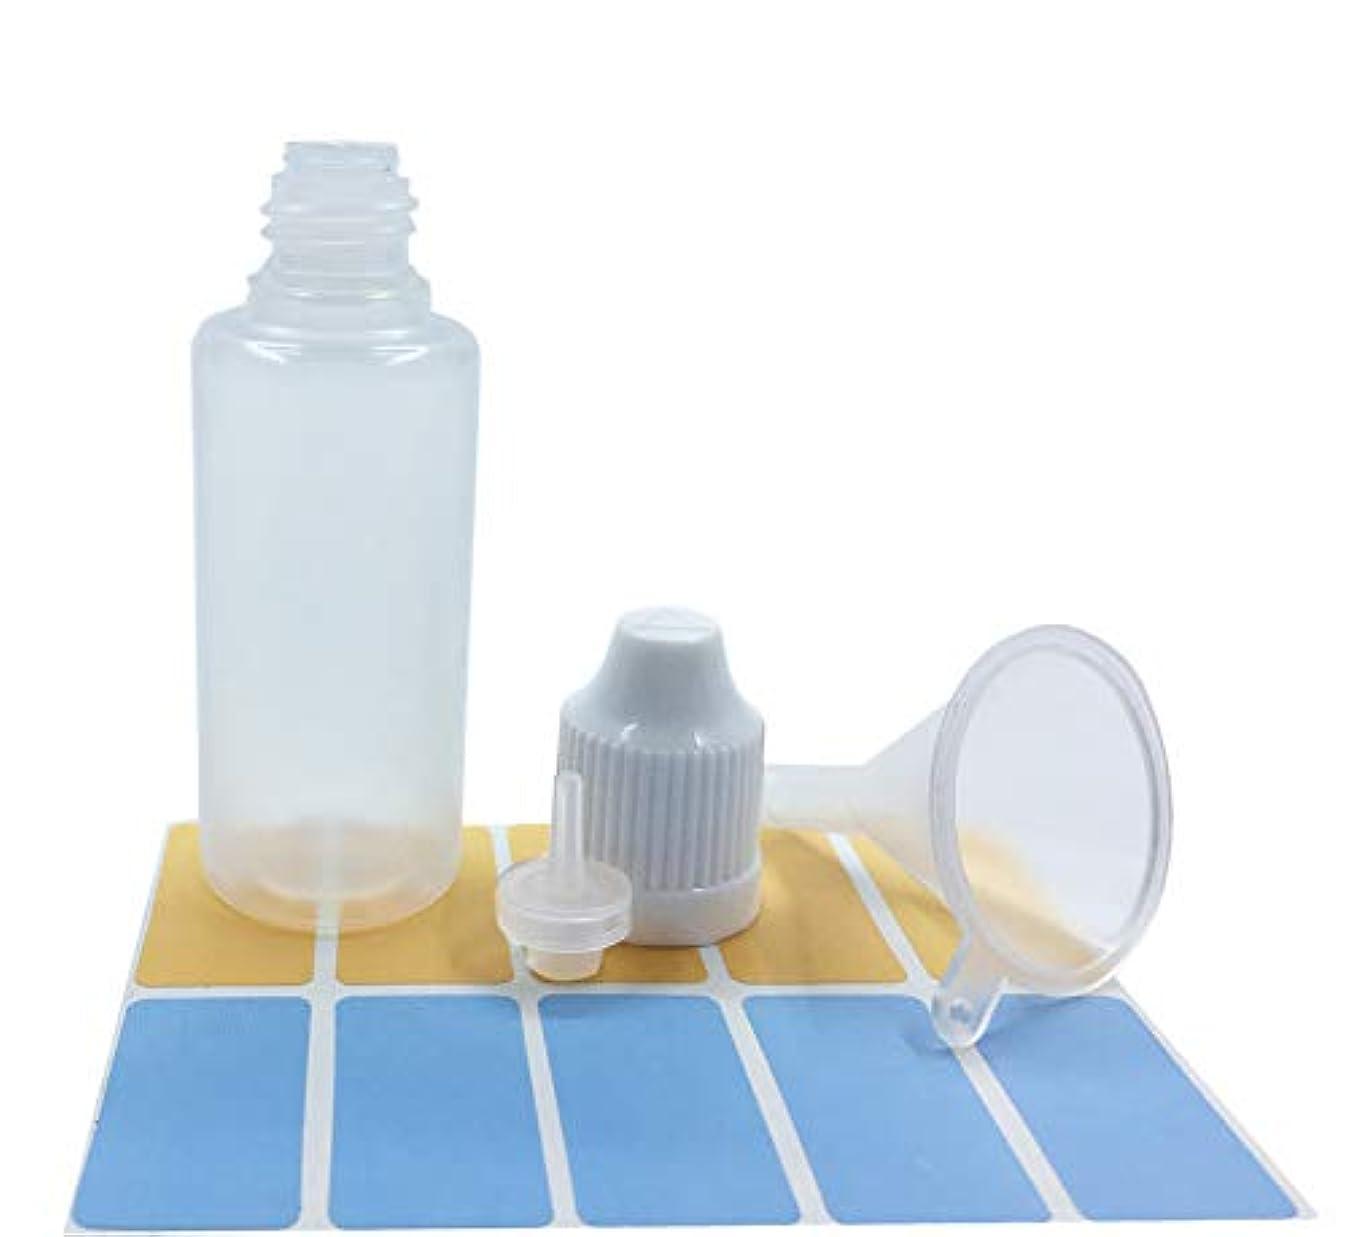 むしゃむしゃ成長小道10個 20mlドロッパーボトル スポイトタイプ容器 プラスチック製 点眼 液体 貯蔵用 滴瓶 (20ml, 白色)